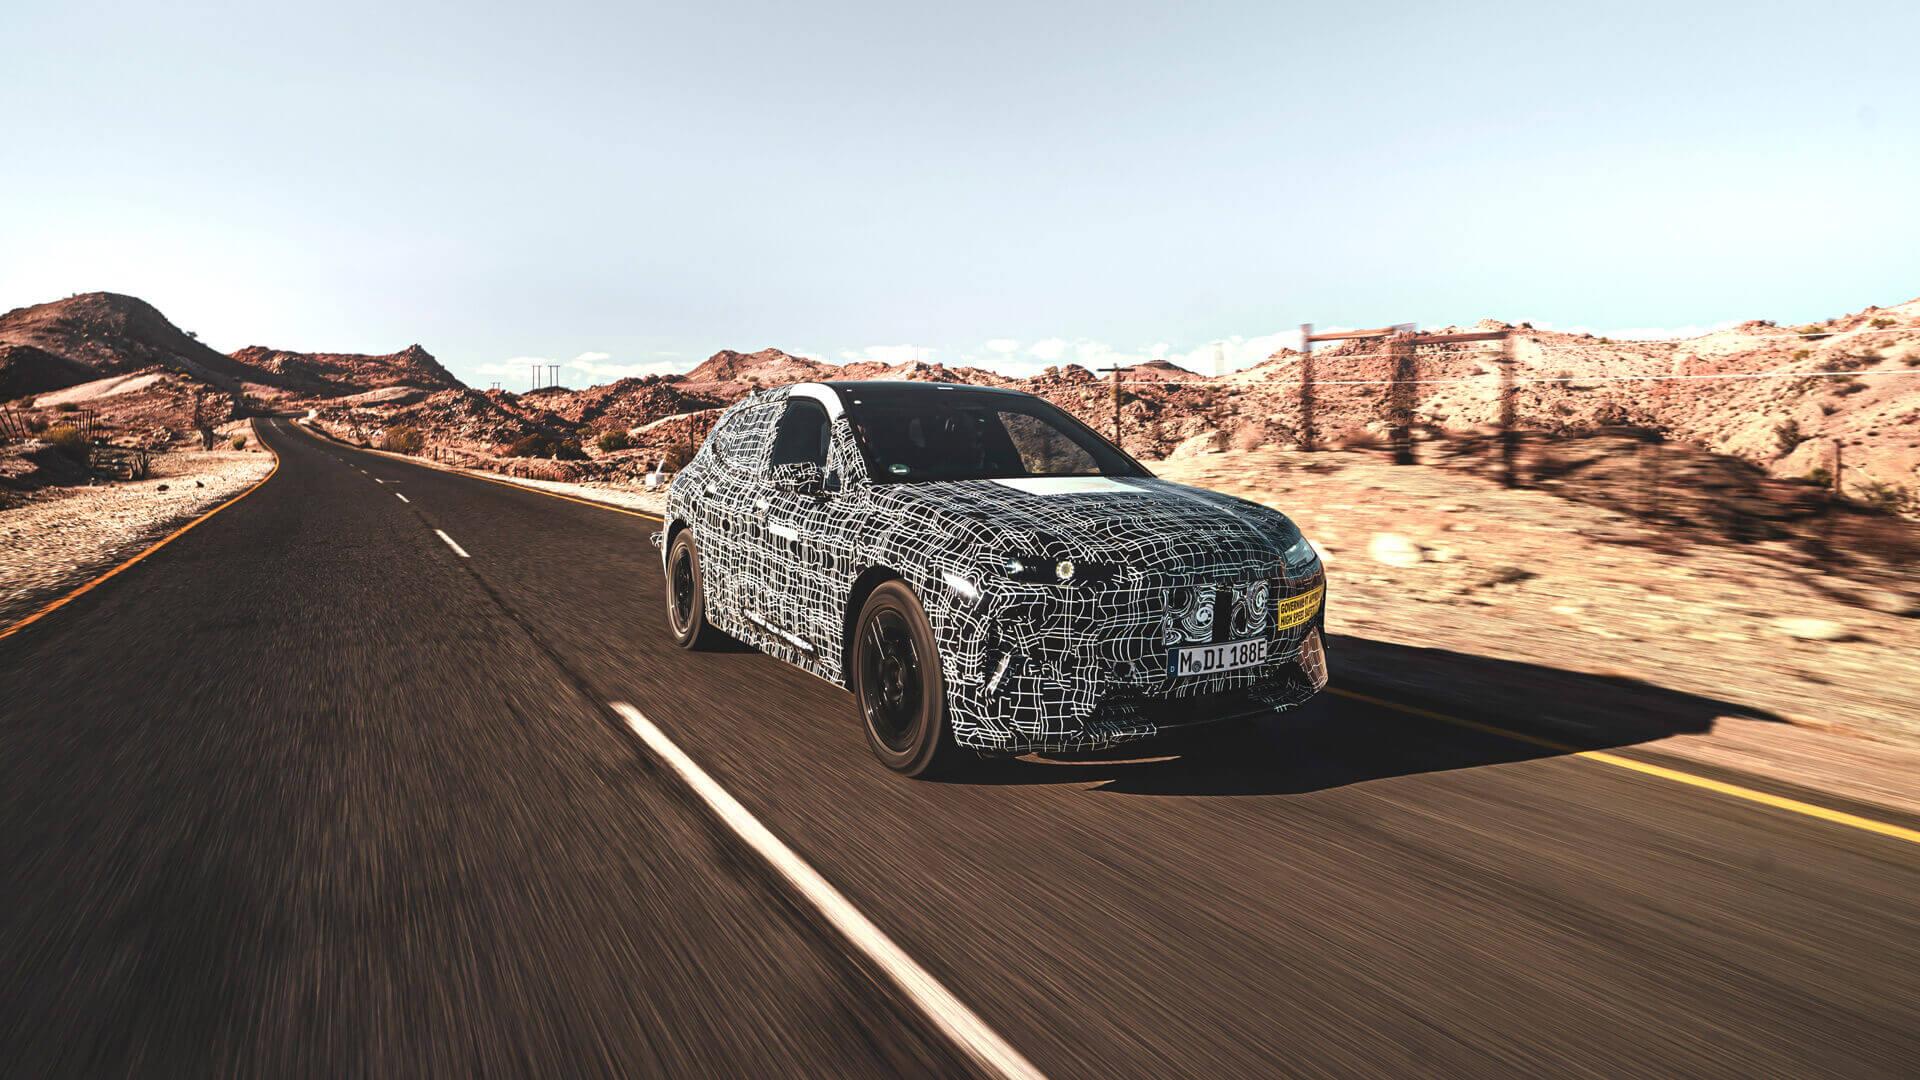 BMW iNEXT проходит экстремальные испытания в пустыне Южной Африки